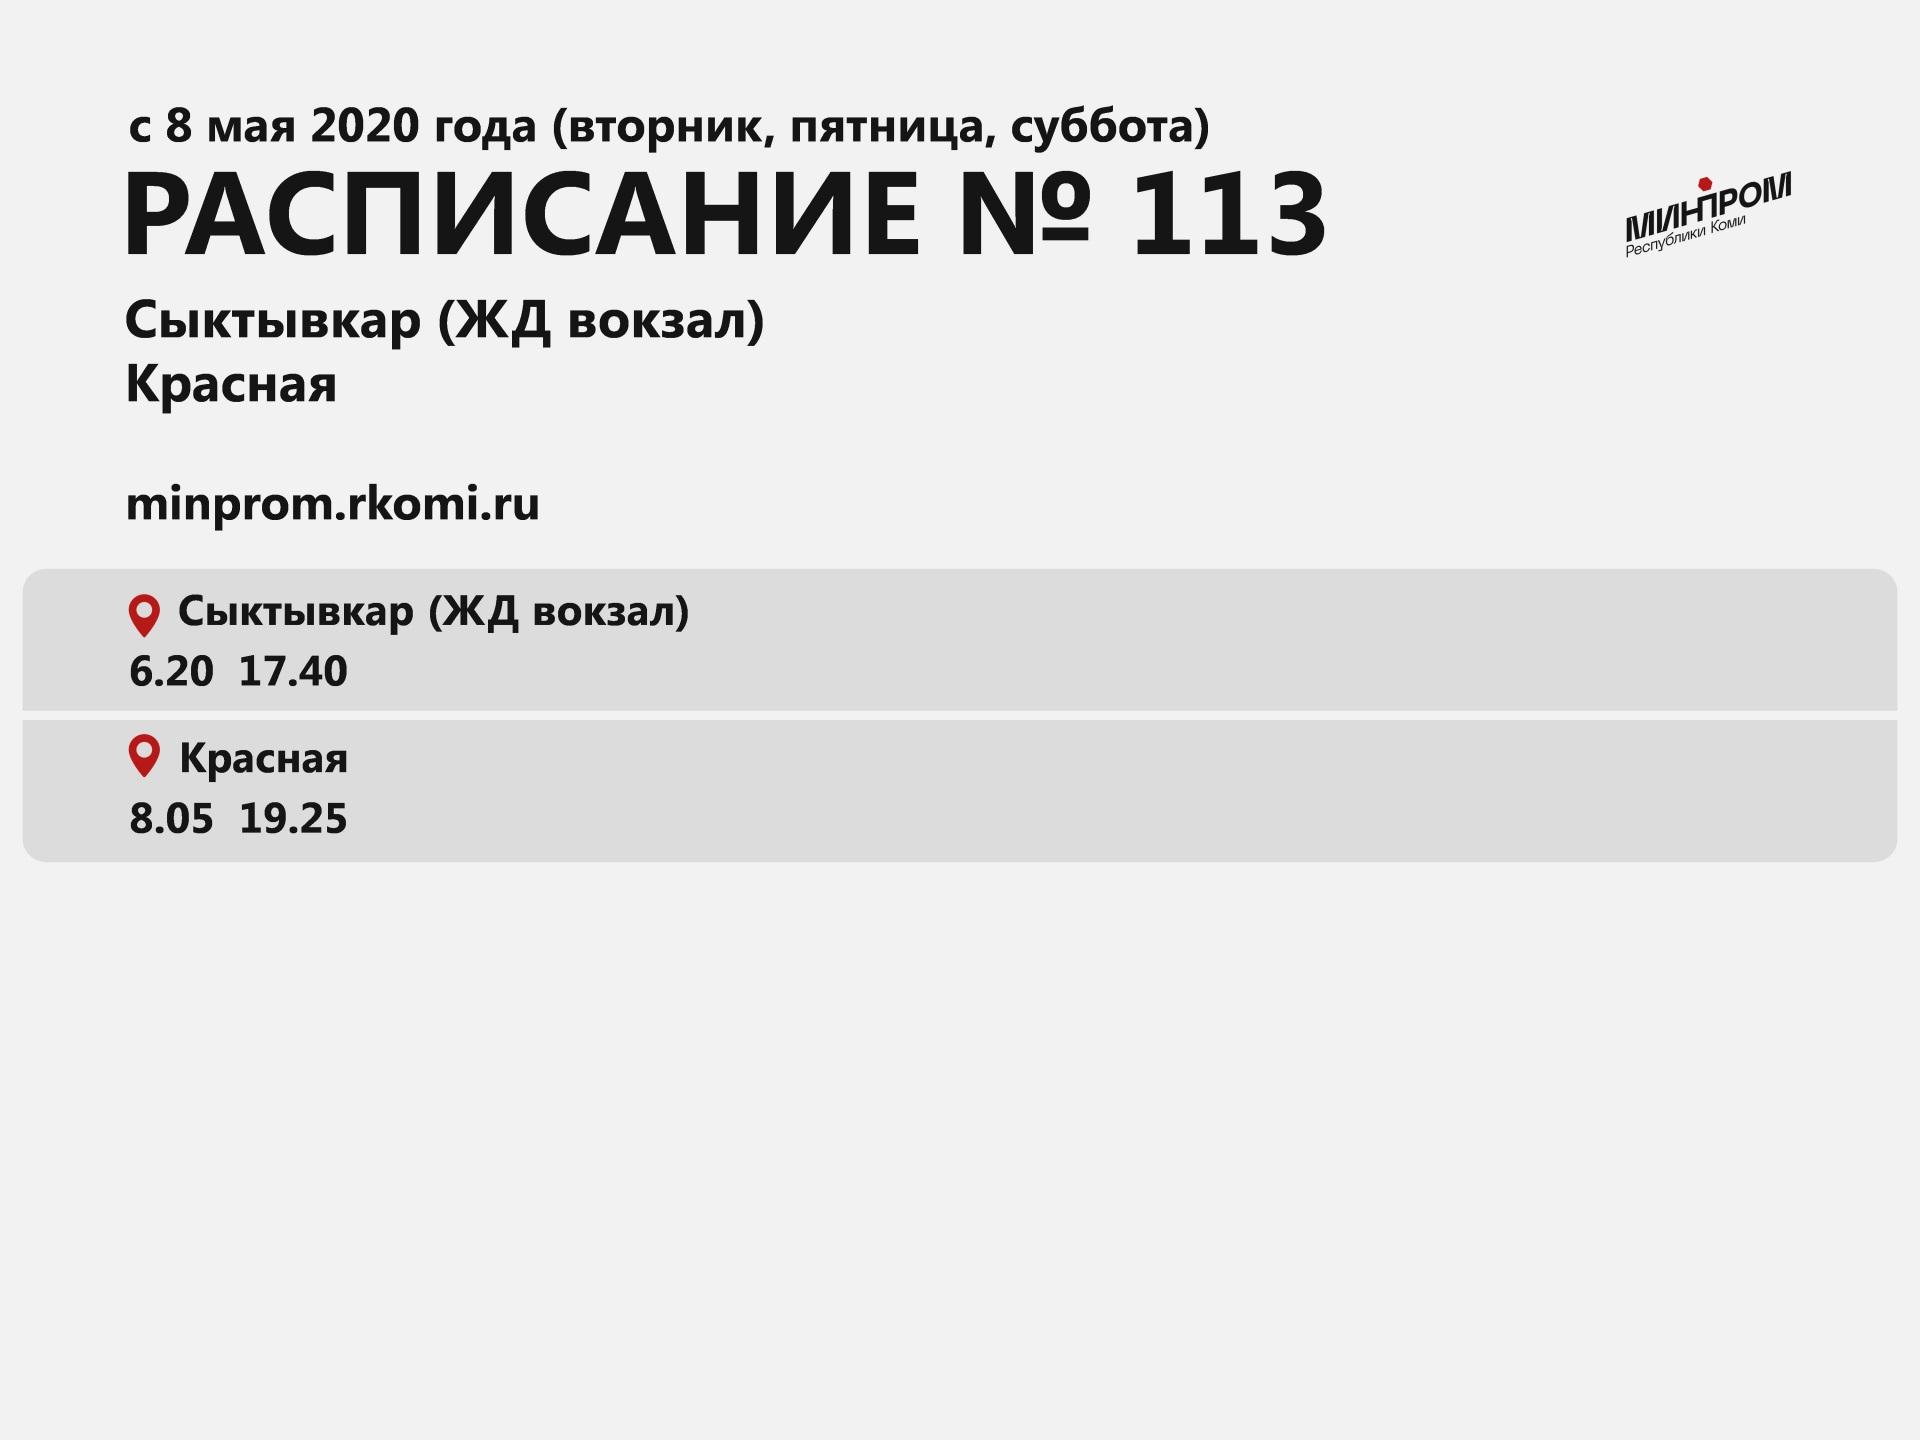 Raspisanie-113-vtptsb.jpg